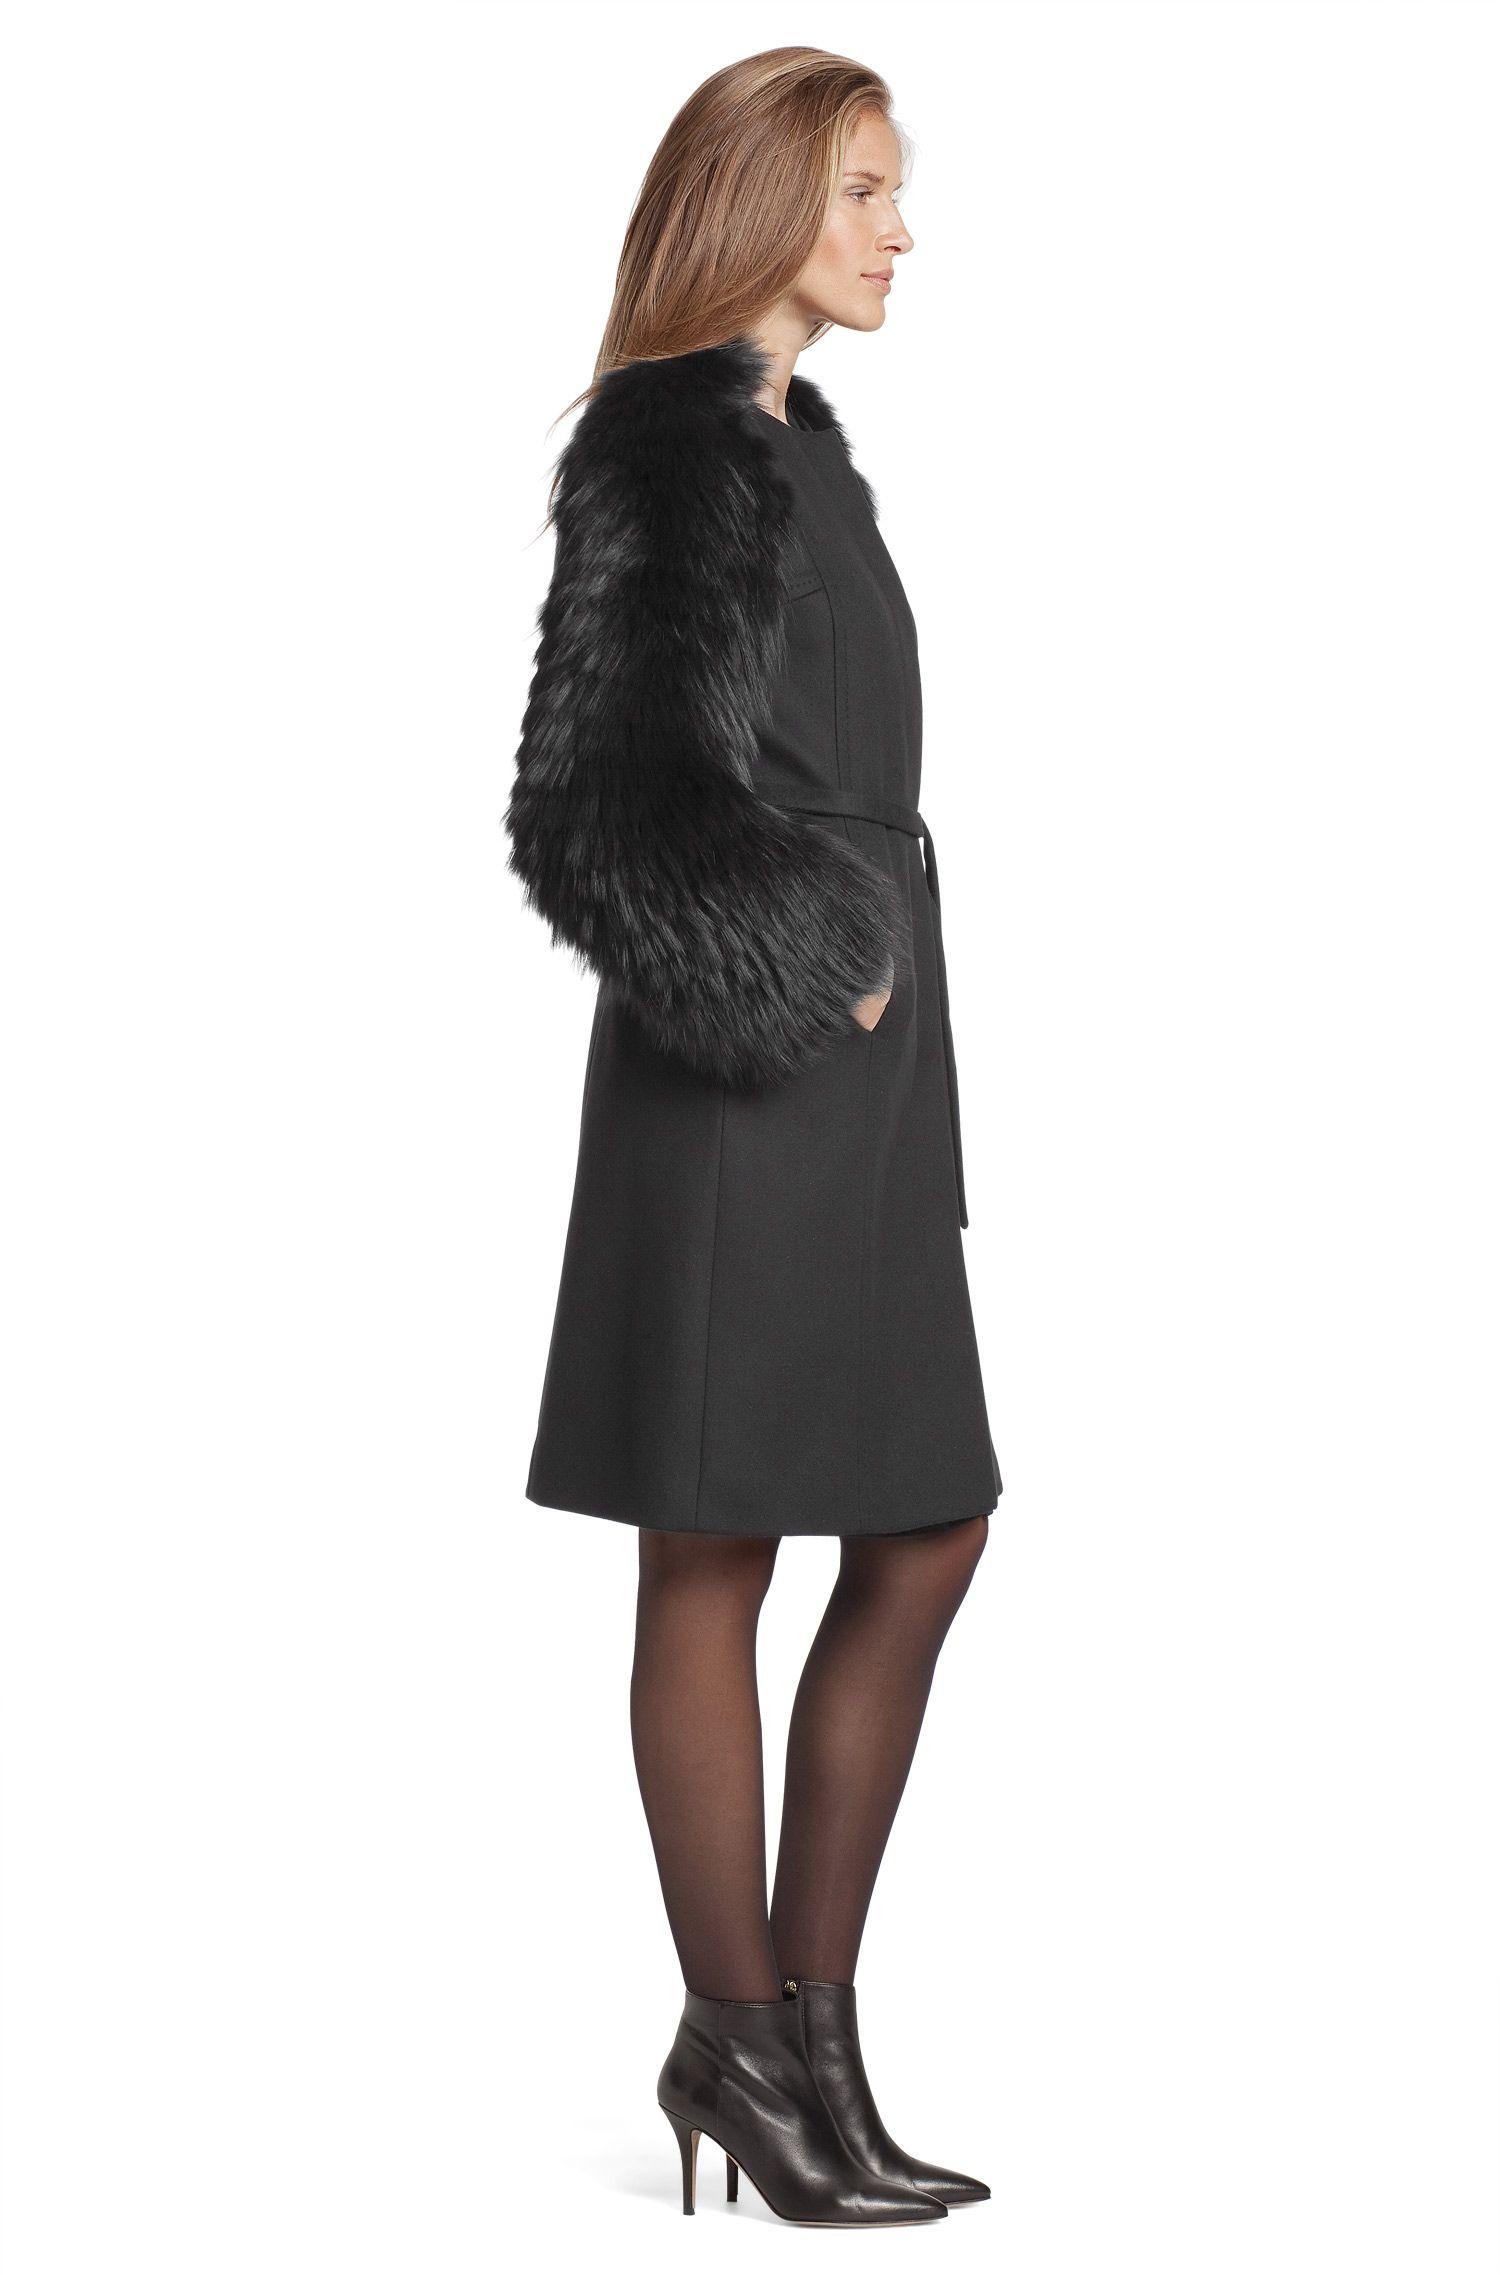 Manteau à manches en fourrure, Cesna